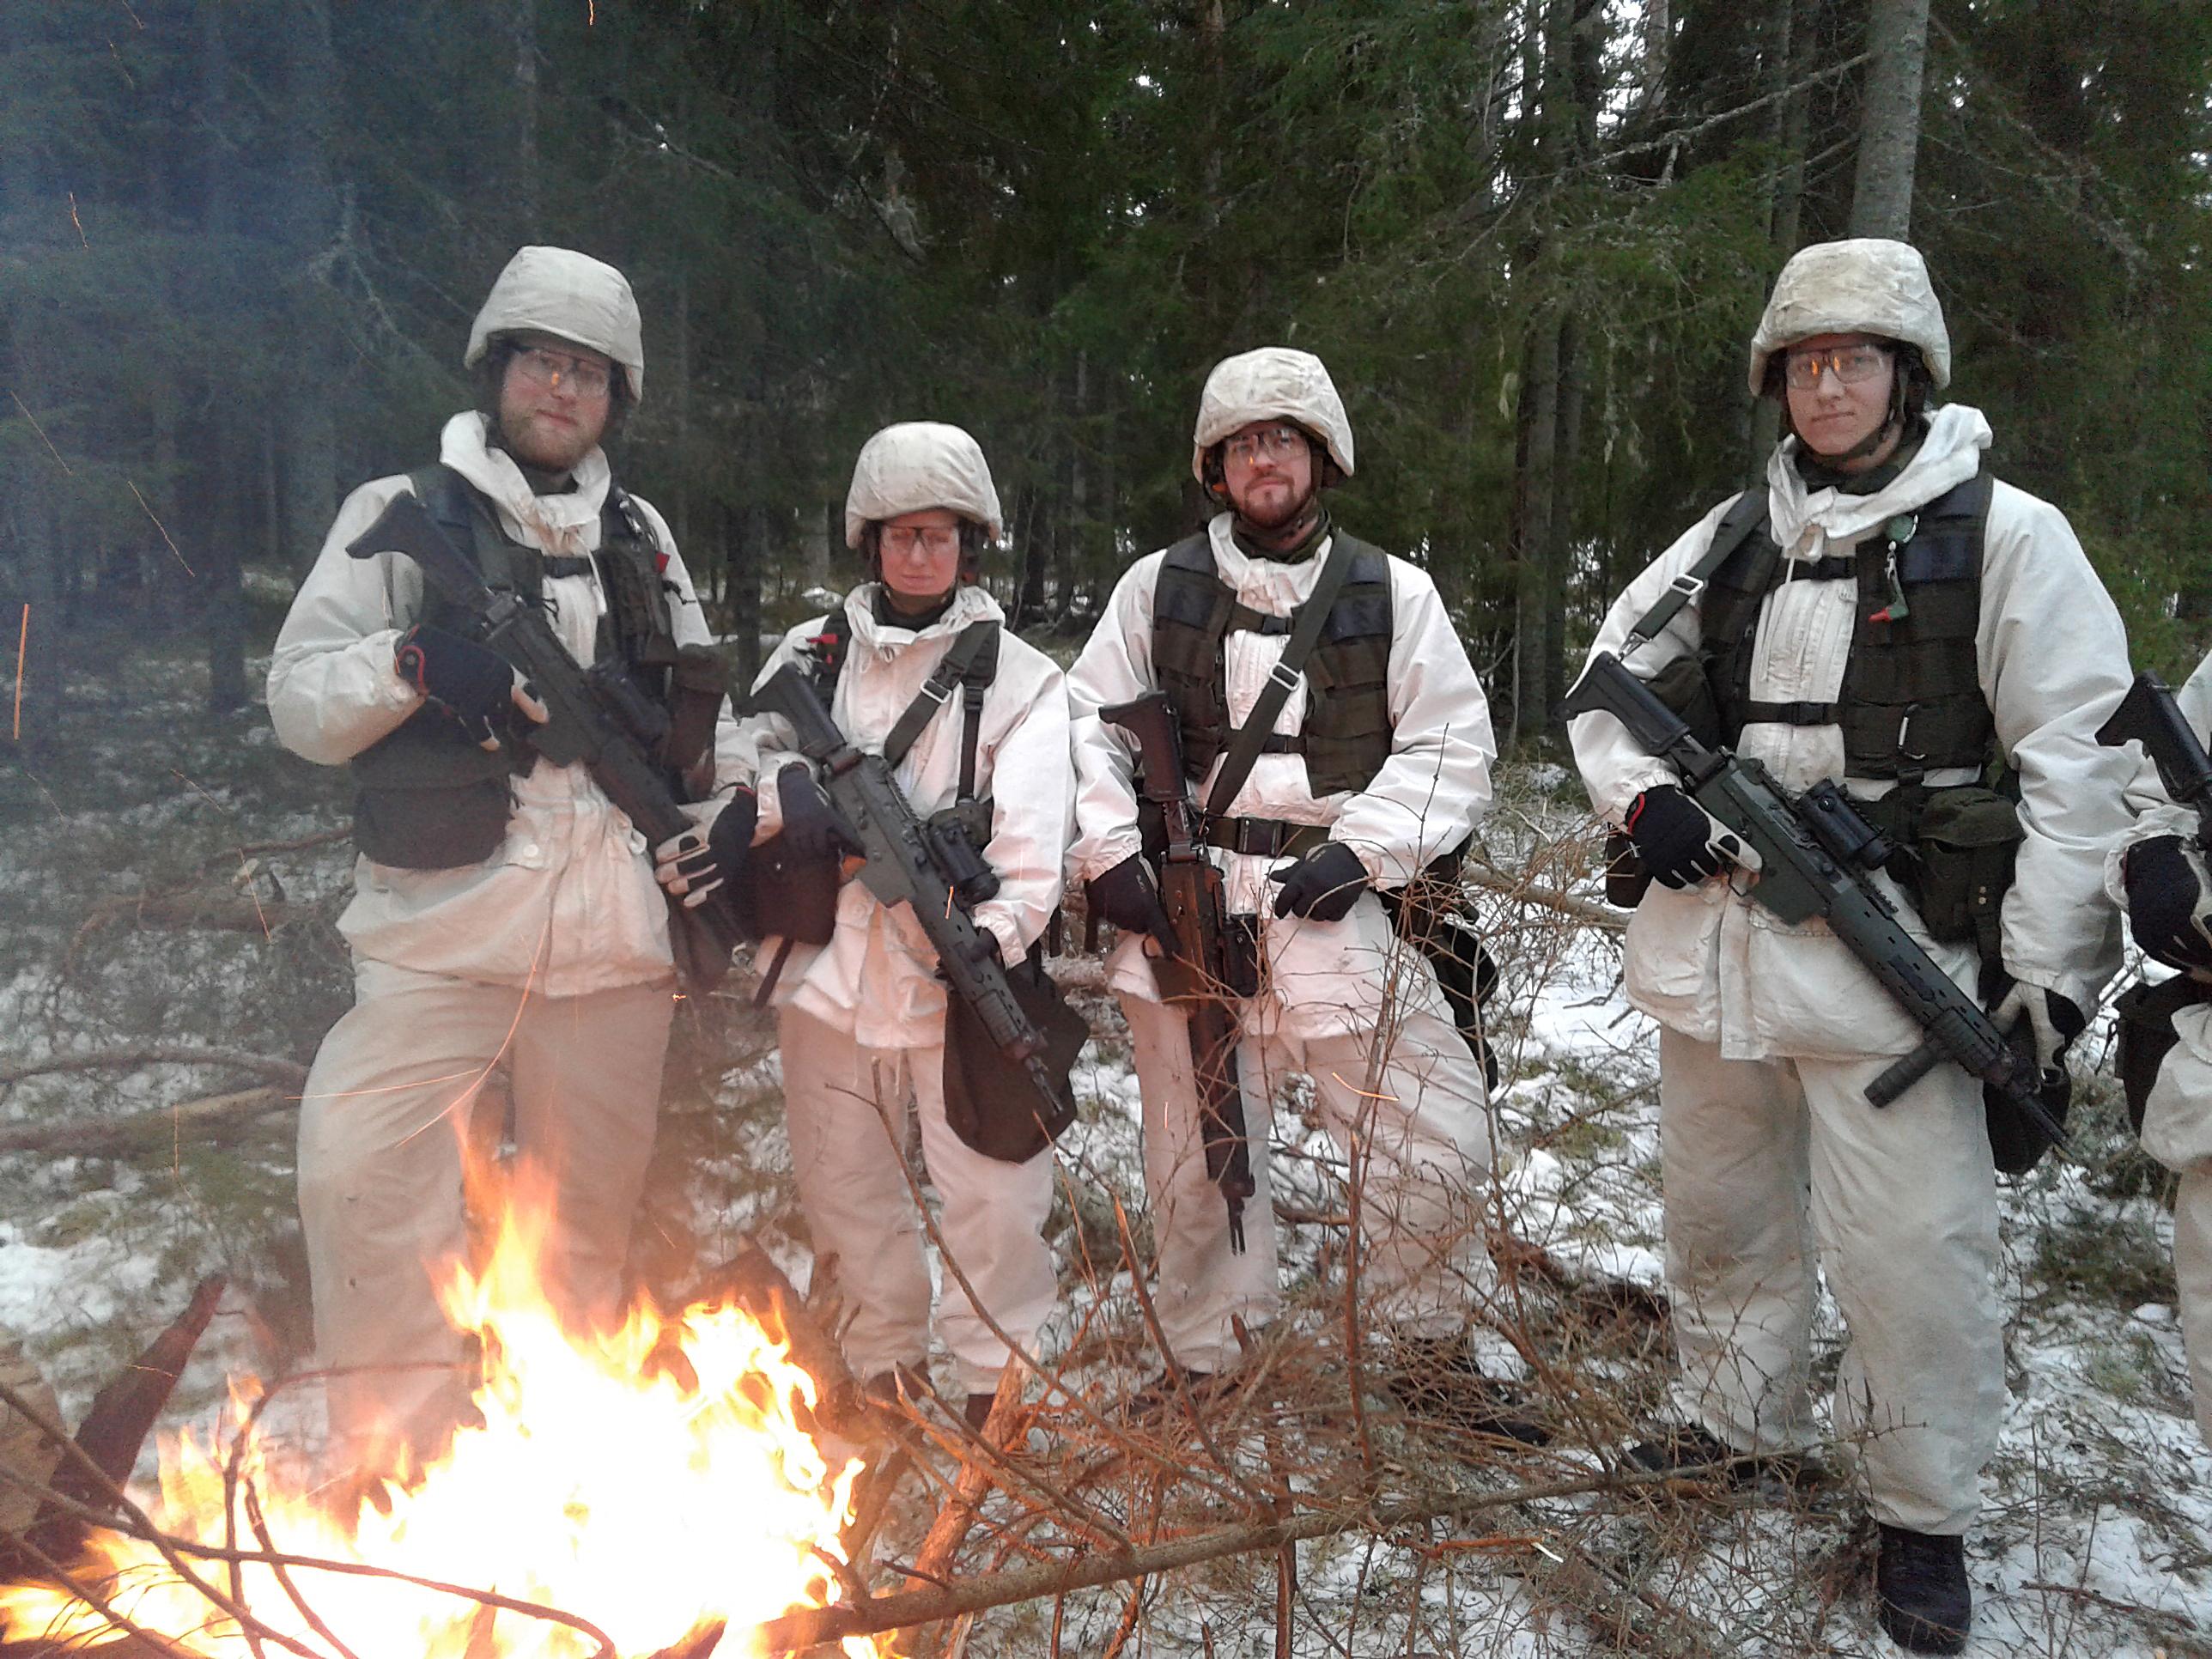 Rekryterna Bohn, Rabar, Vehmaa och Östberg tar en paus och njuter av det snöfattiga men vackra vintervädret.